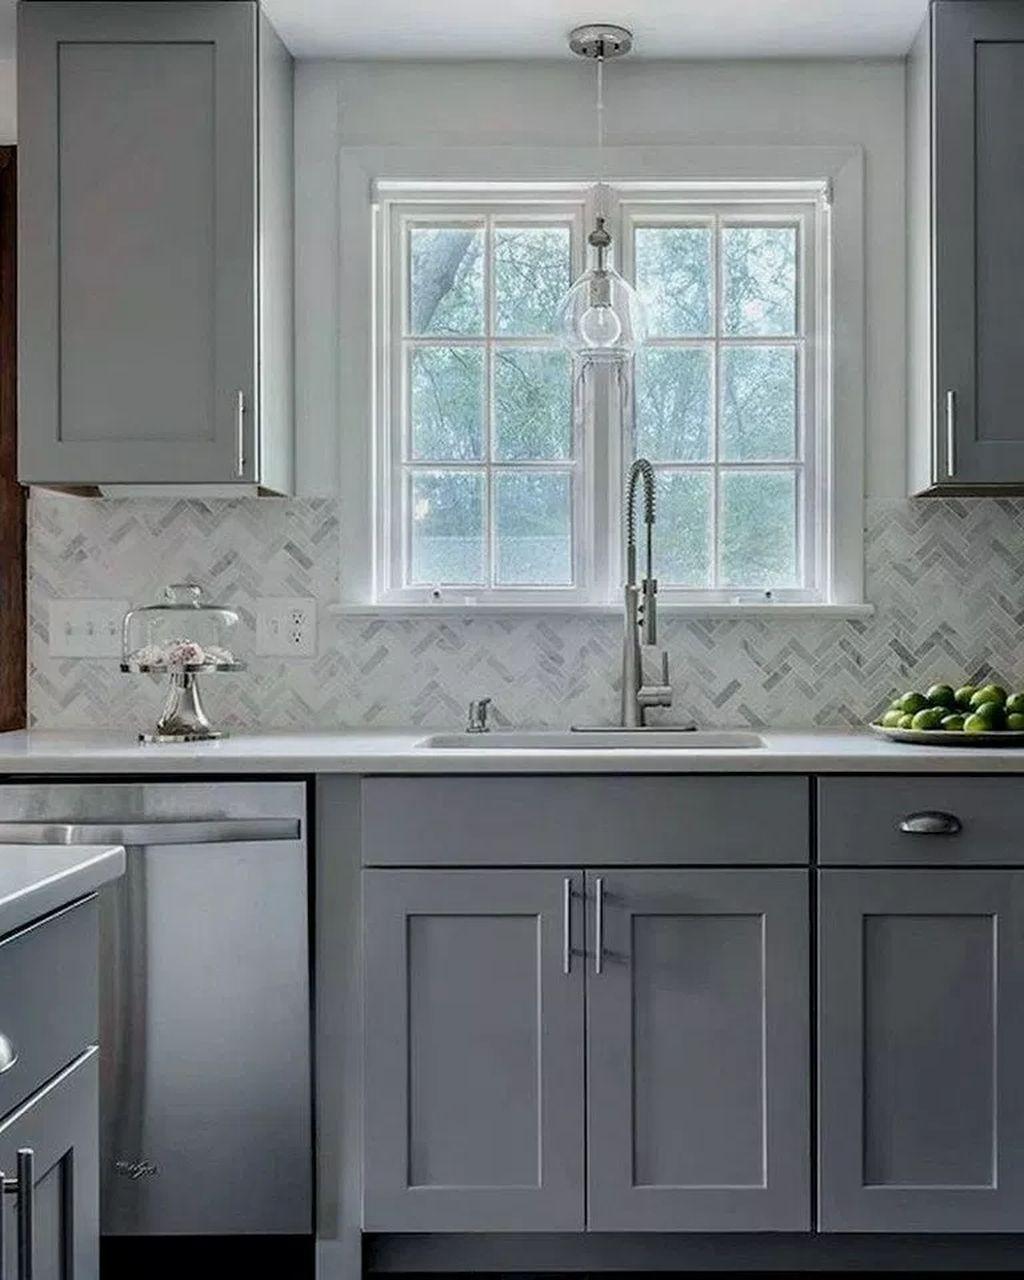 30 Gorgeous Grey And White Kitchen Design For Winter Season Kitchen Cabinet Design Kitchen Backsplash Designs Refacing Kitchen Cabinets